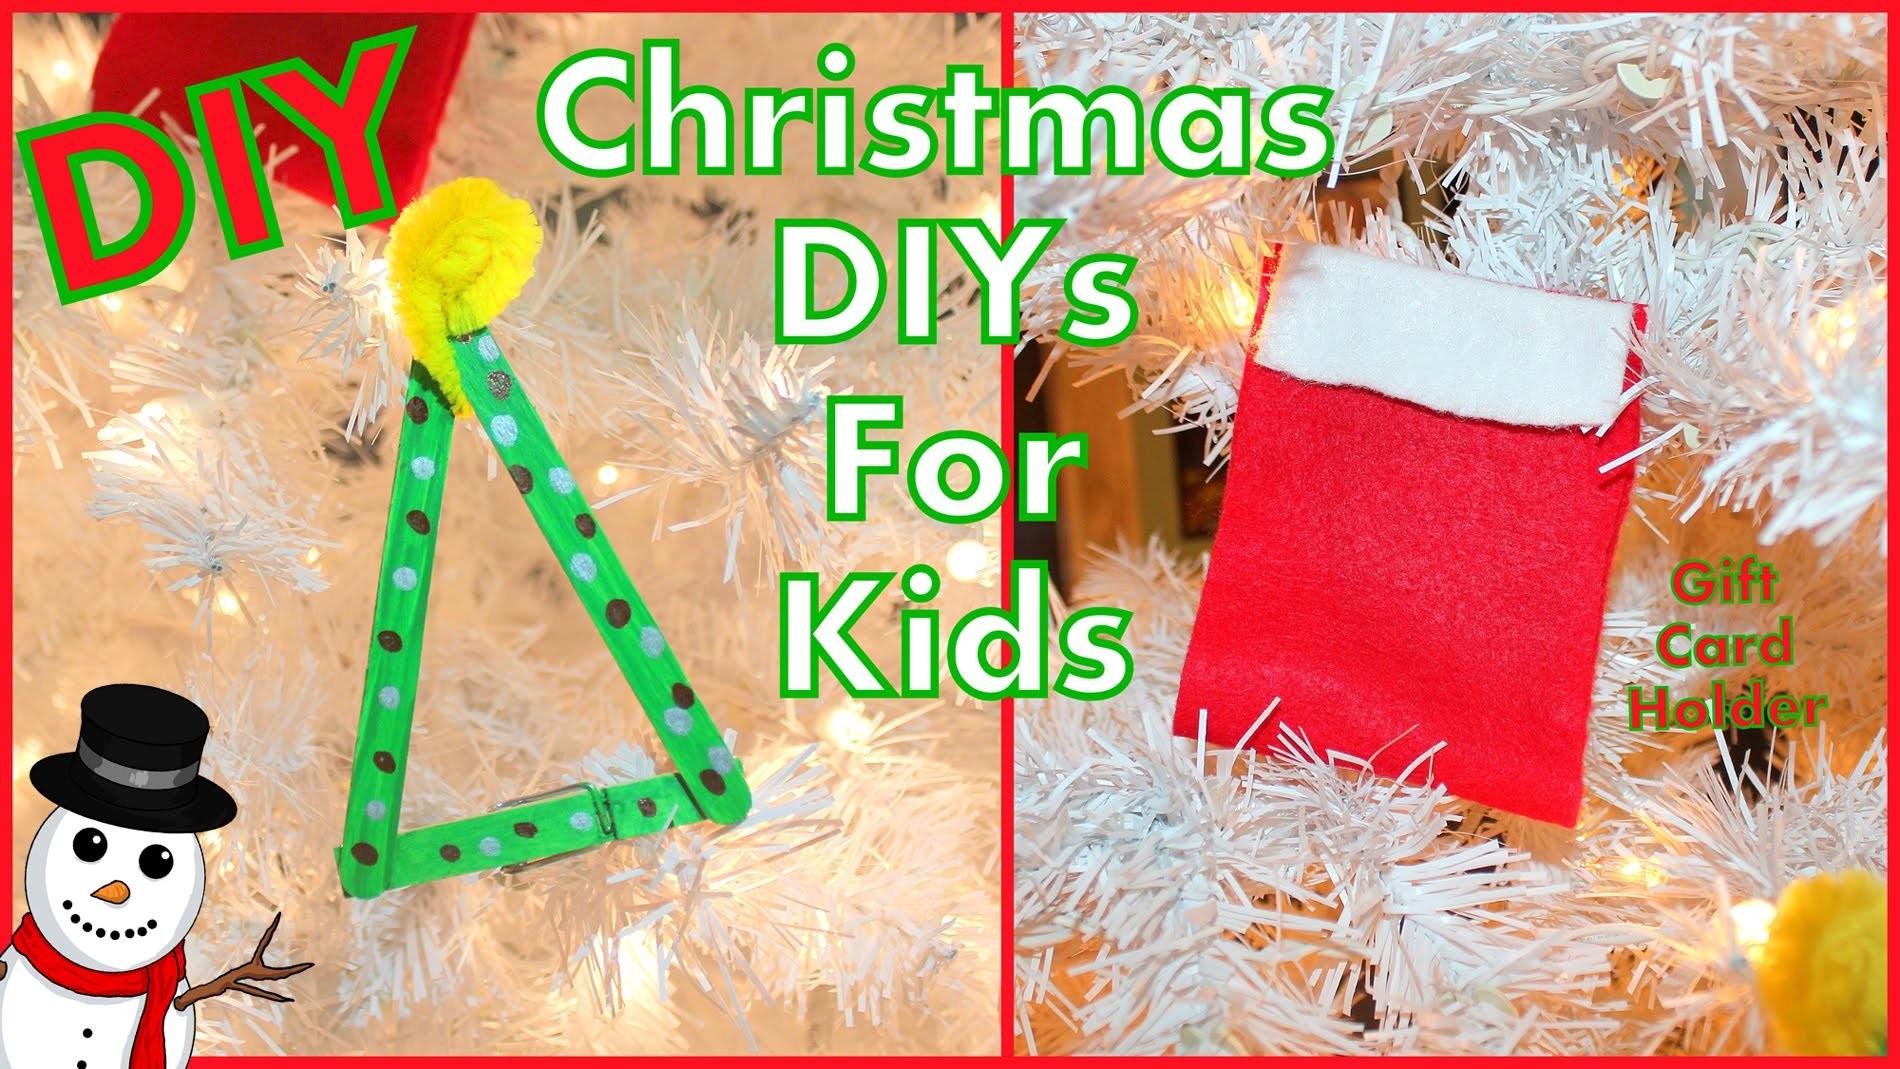 DIY Kids Christmas Crafts   DIY Gift Card Holder & Tree Ornament   Christmas Collab   Christmas Fun